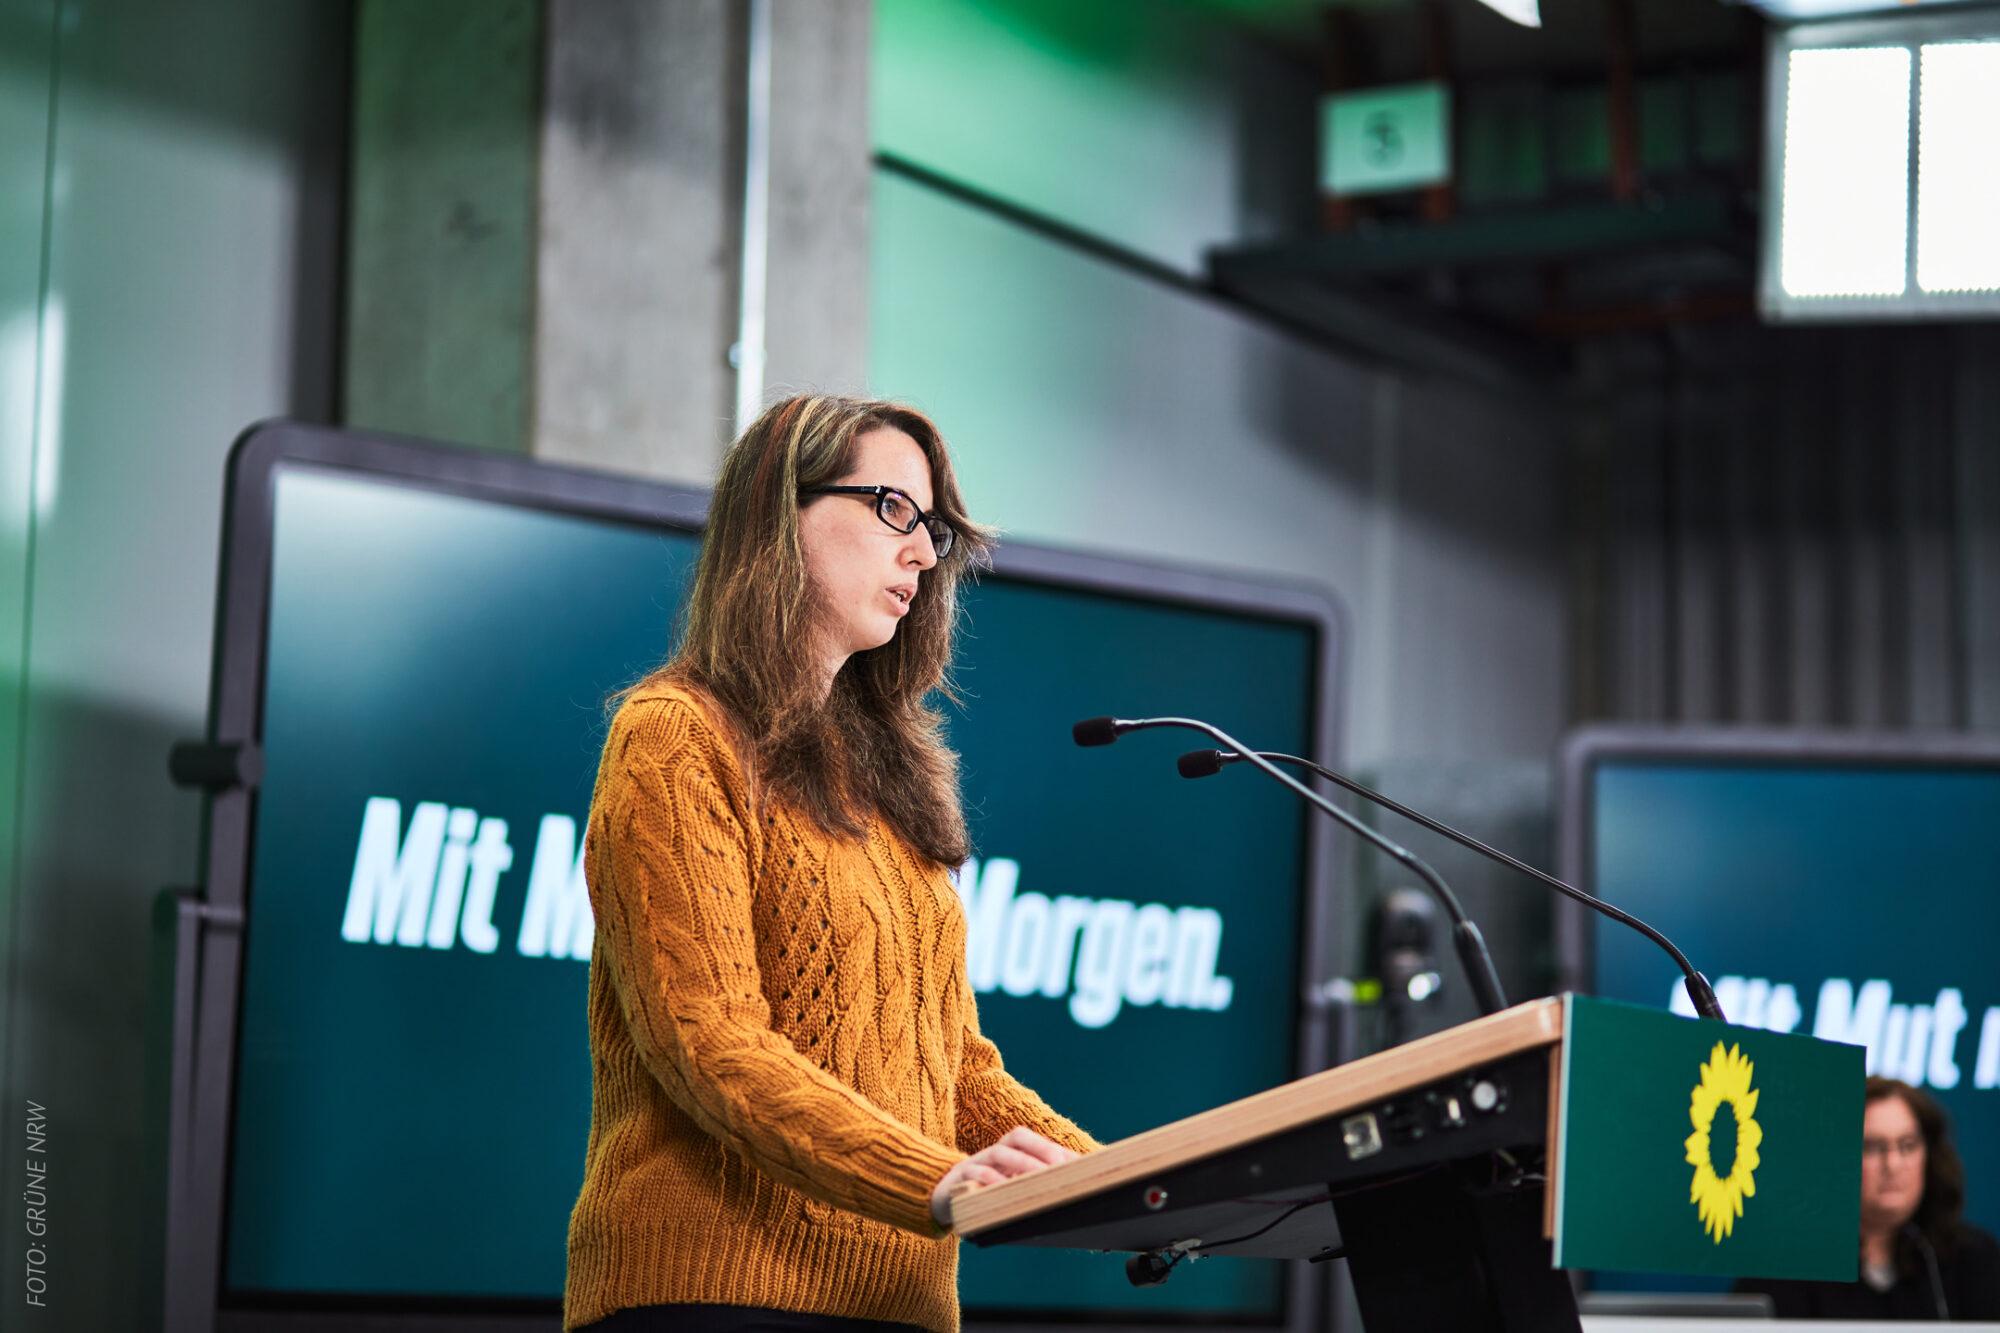 Sabine Grützmacher am Rednerpult der Landesdelegiertenkonferenz im APril 2021 in Düsseldorf - Gelber Pullover, im Hintergrund ein blaugrüner Groß-Monitor mit der weißen Aufschrift 'Mit Mut nach Morgen'